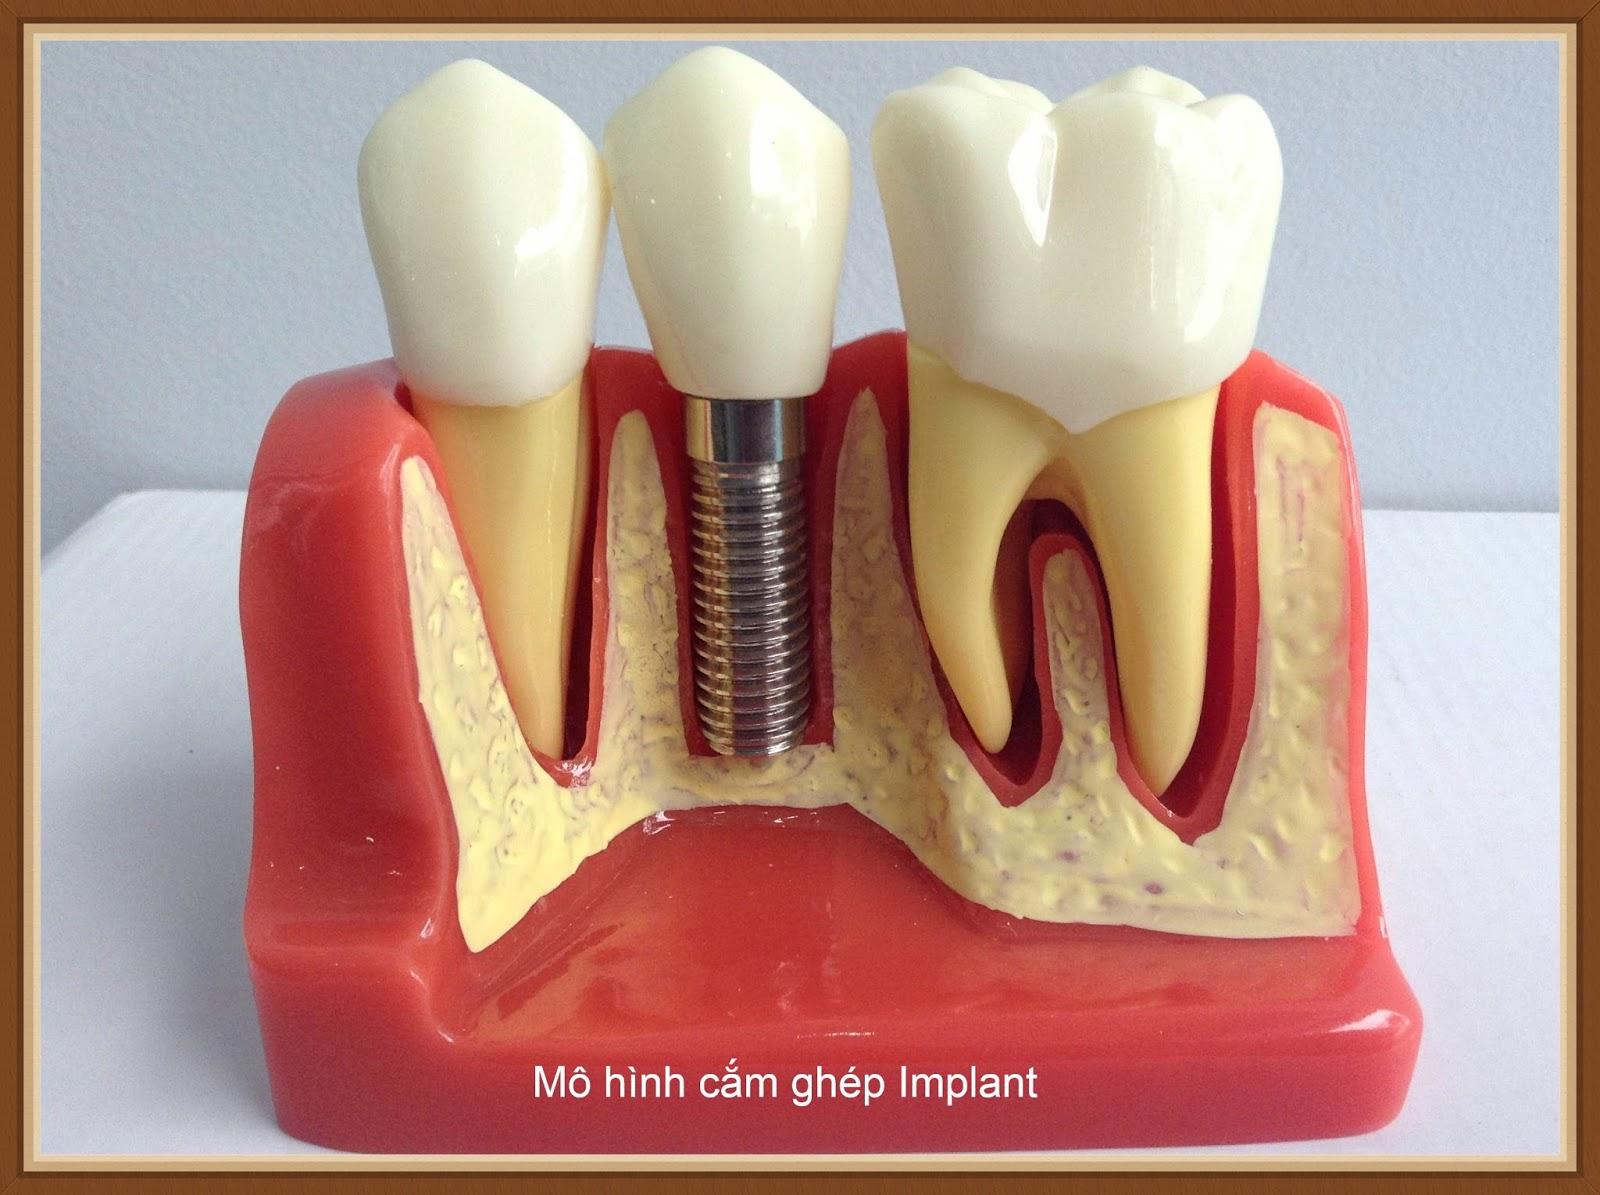 Kết quả hình ảnh cho Trồng implant cho răng cửa thì sẽ như thế nào?